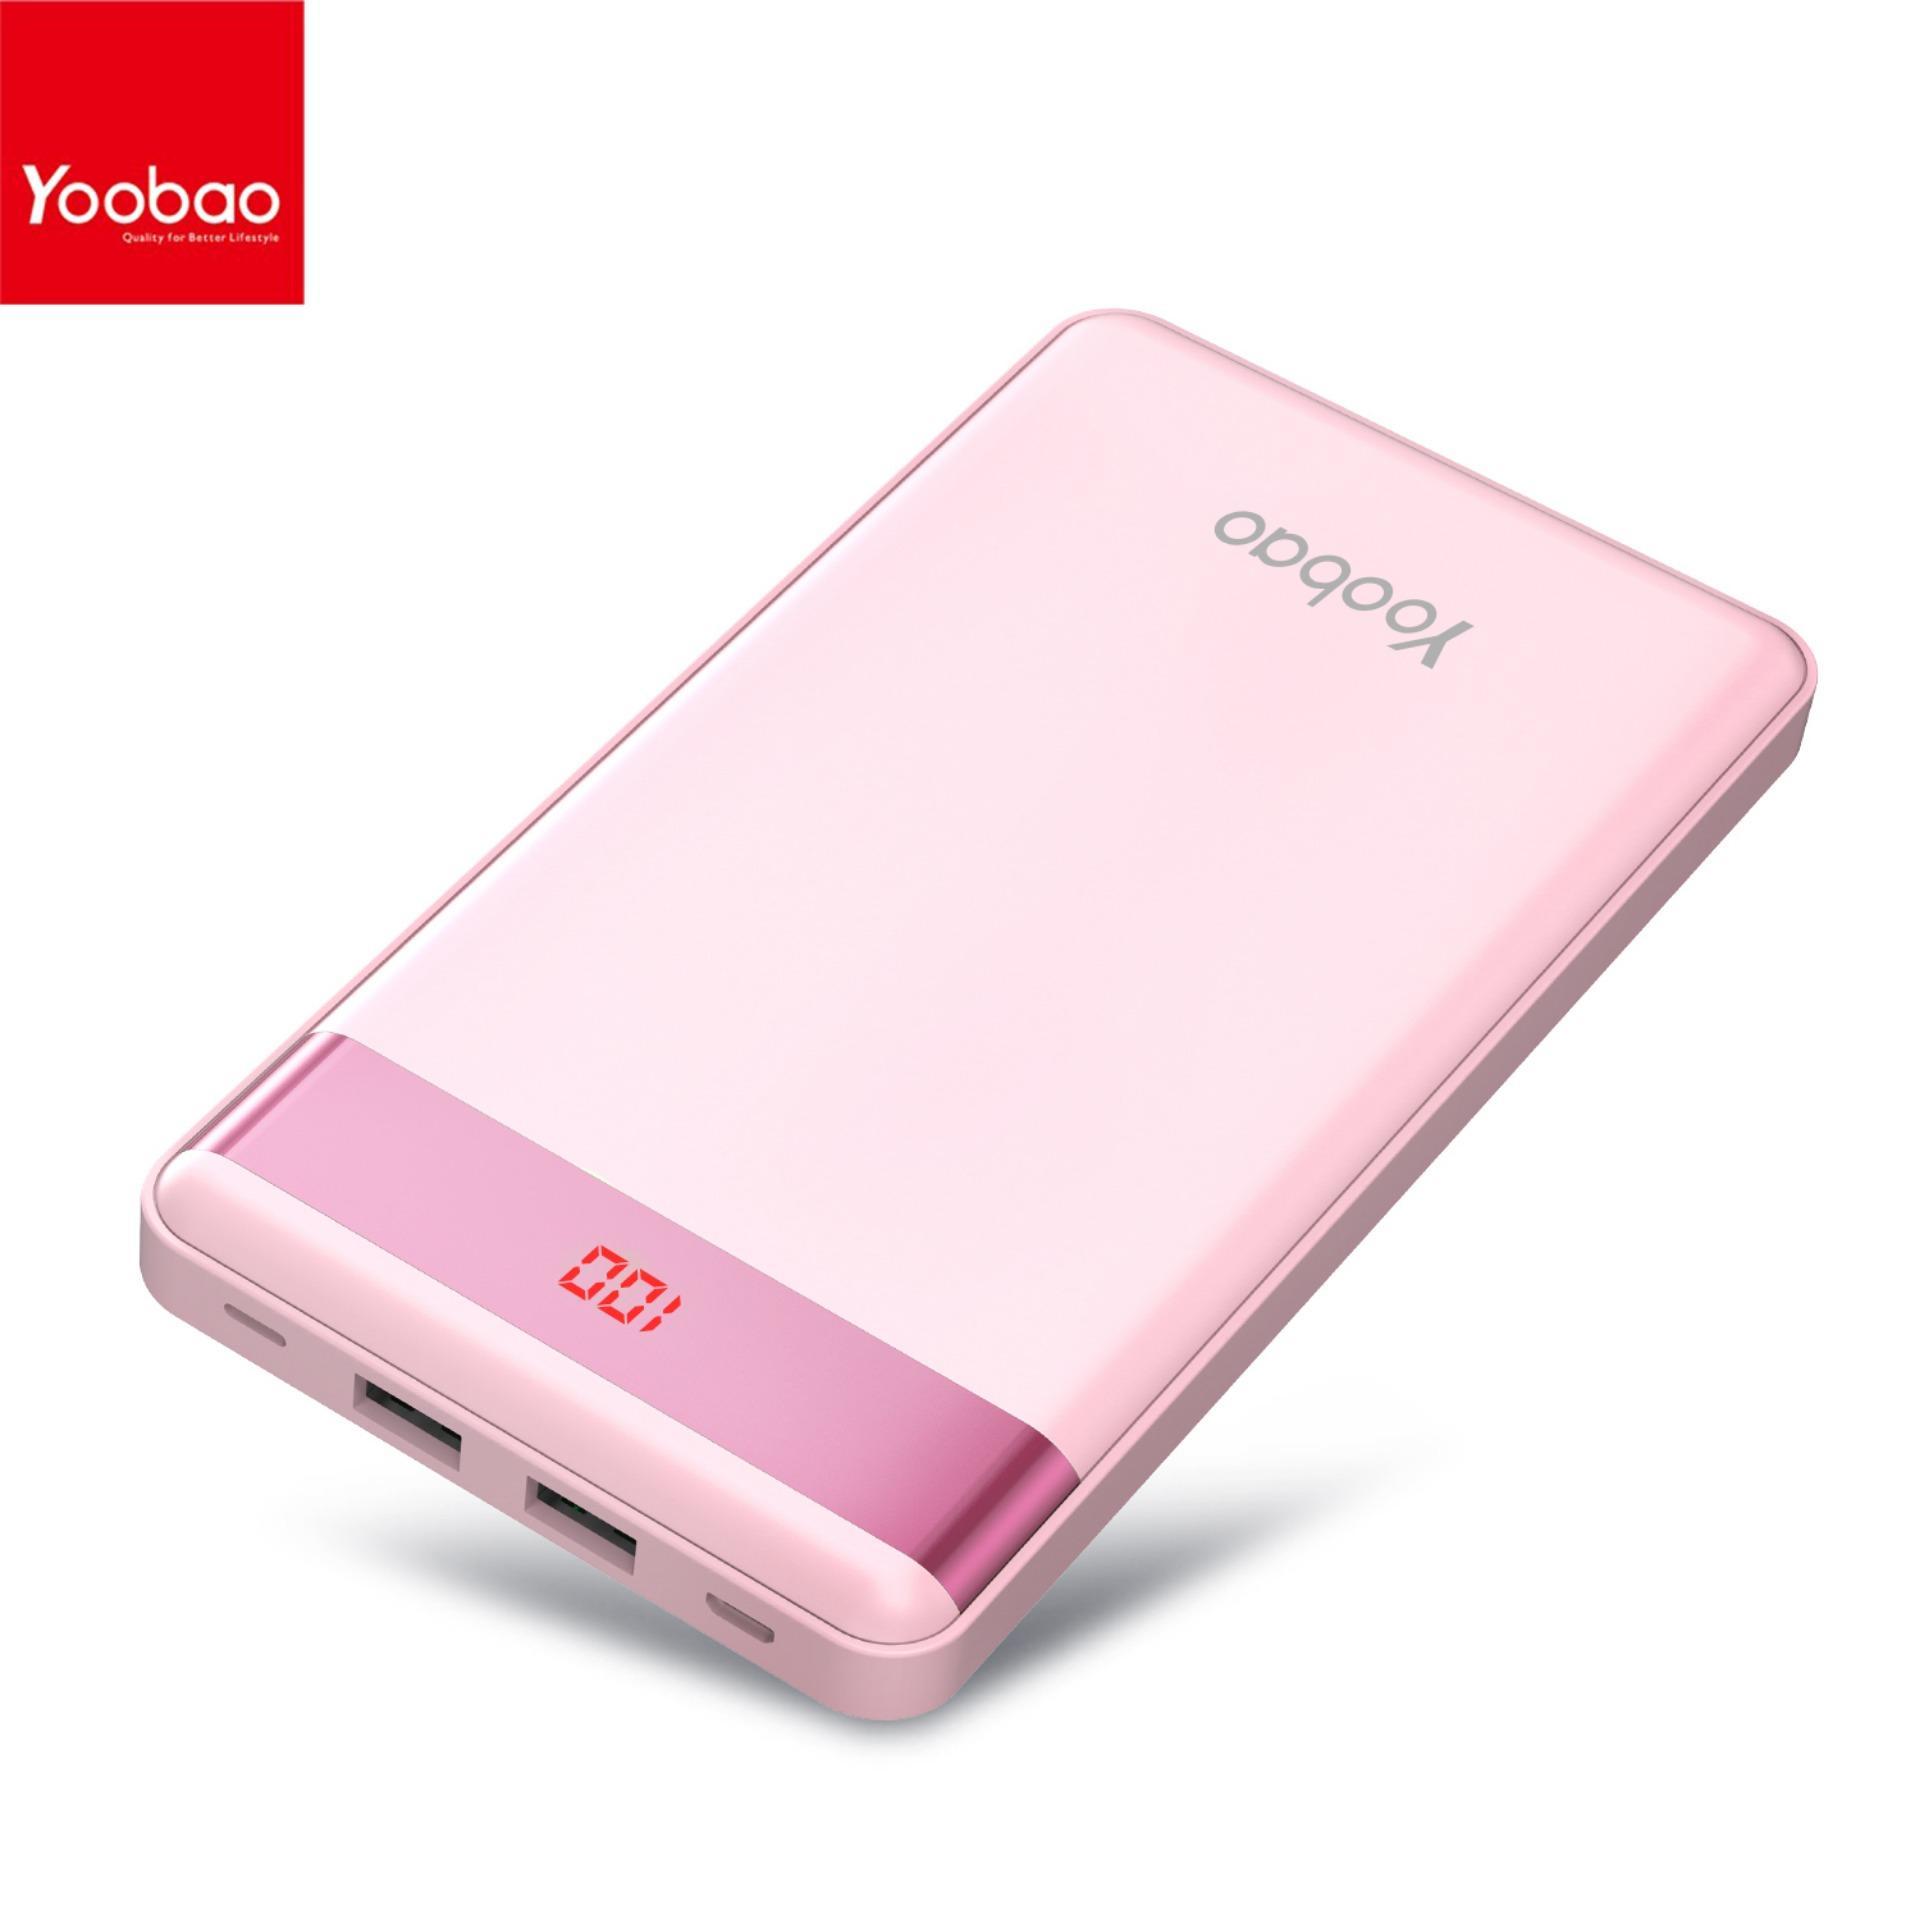 YOOBAO P L Ultra Thin mAh Power Bank Pink